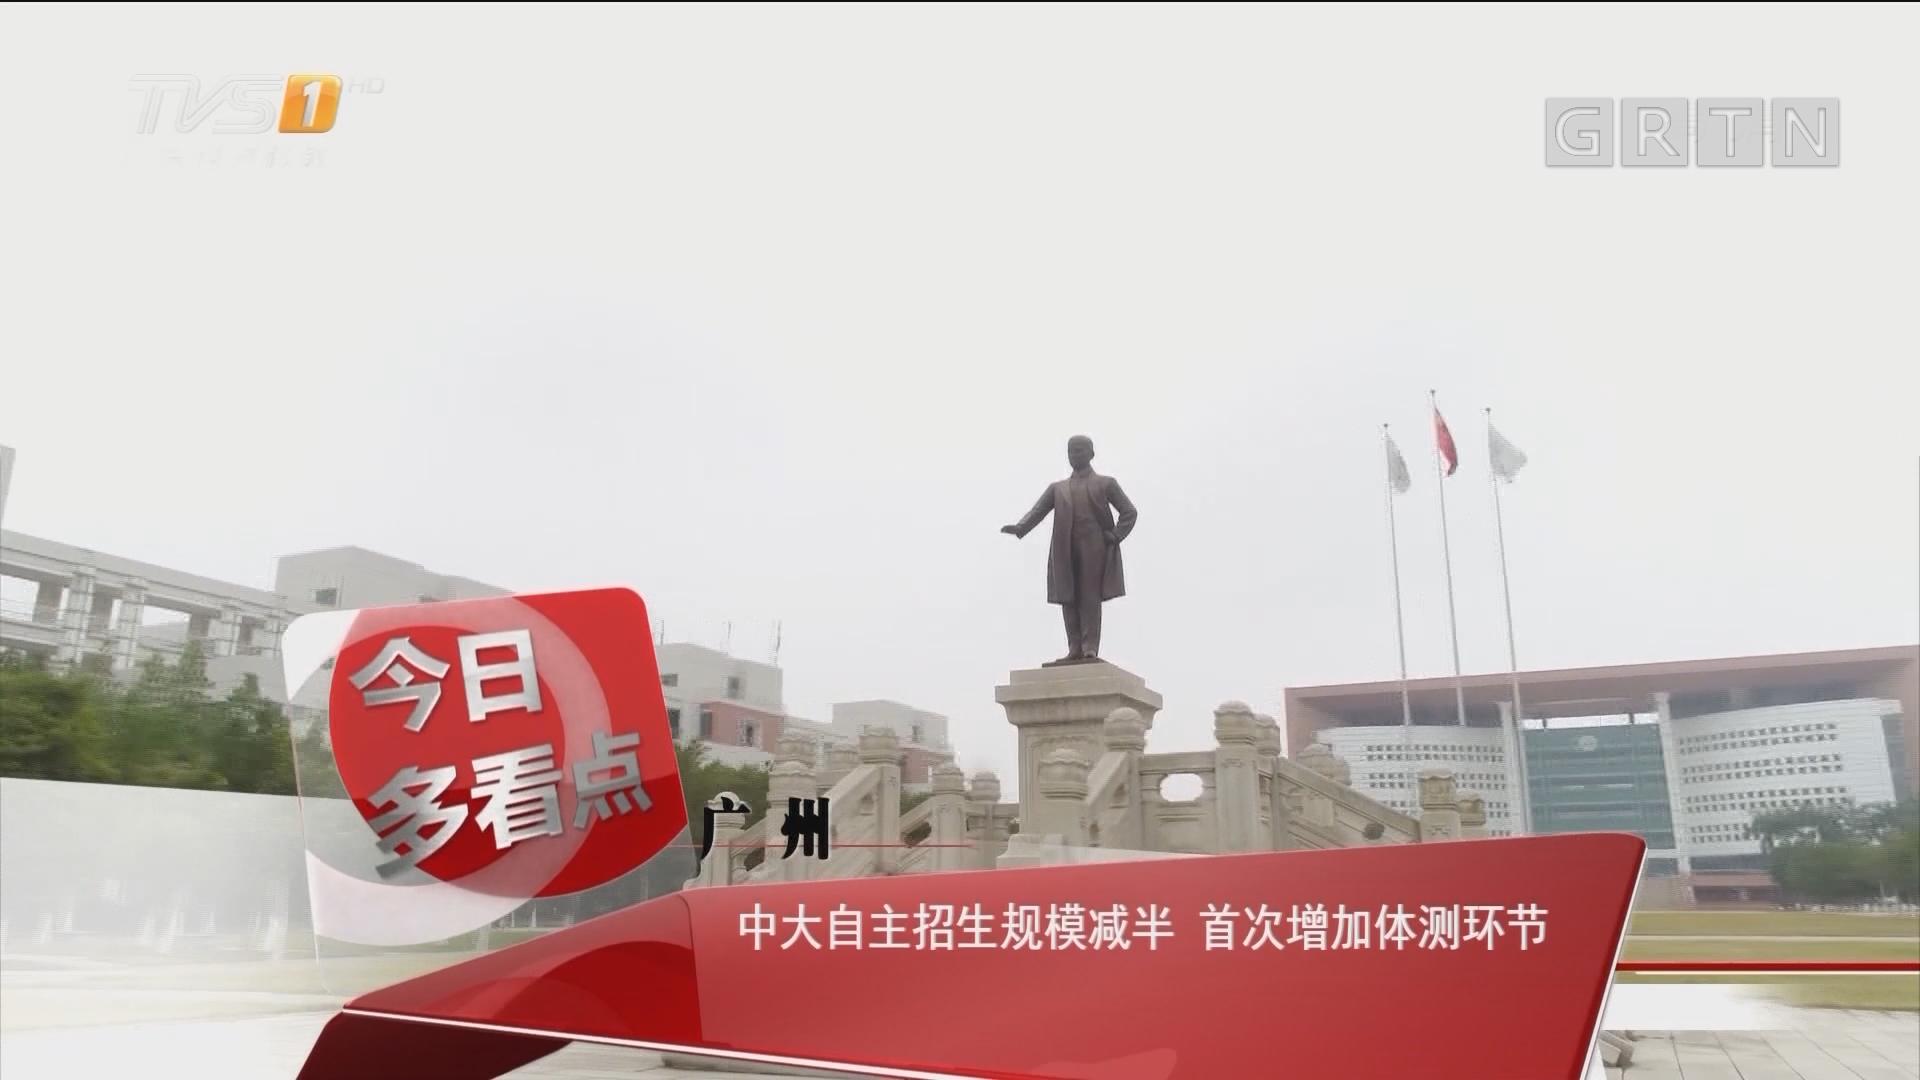 广州:中大自主招生规模减半 首次增加体测环节